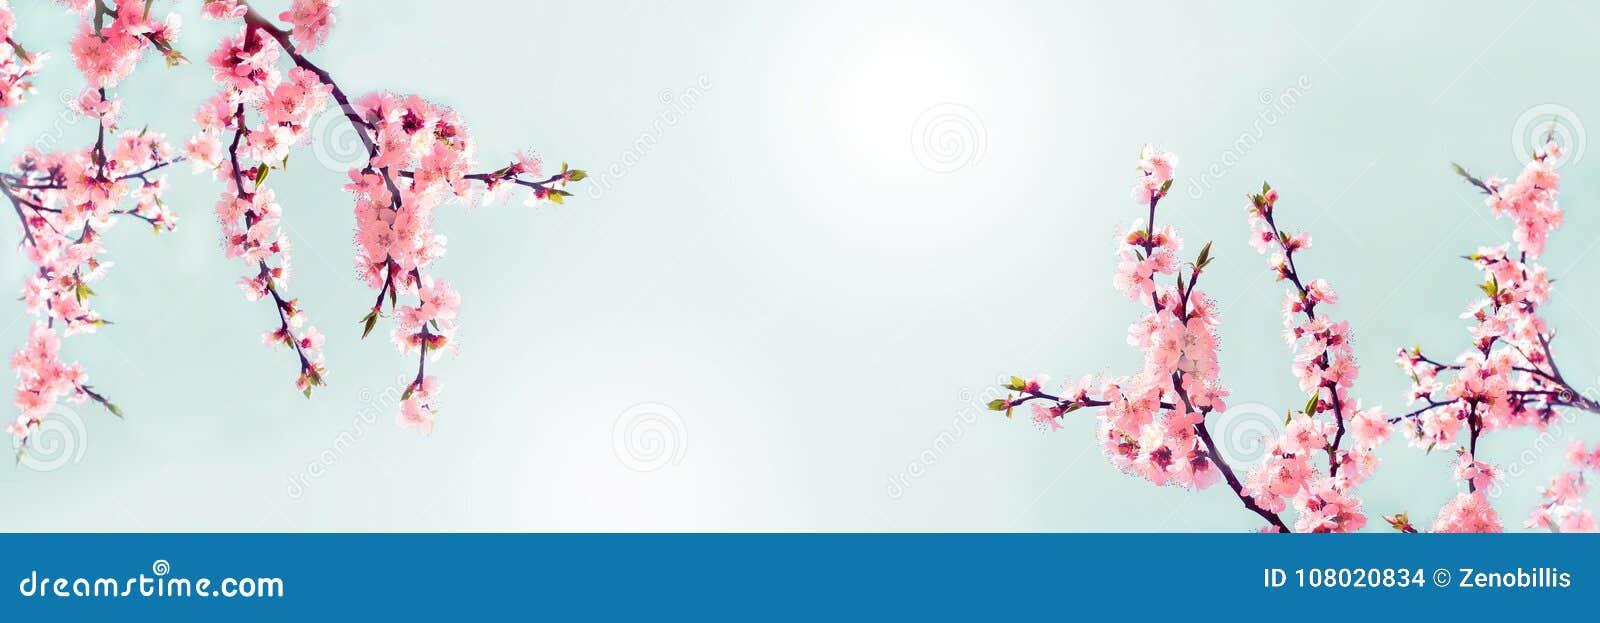 Ciliegio Fiori Bianchi O Rosa.I Fiori Rosa Della Ciliegia Si Chiudono Su Ciliegio Di Fioritura